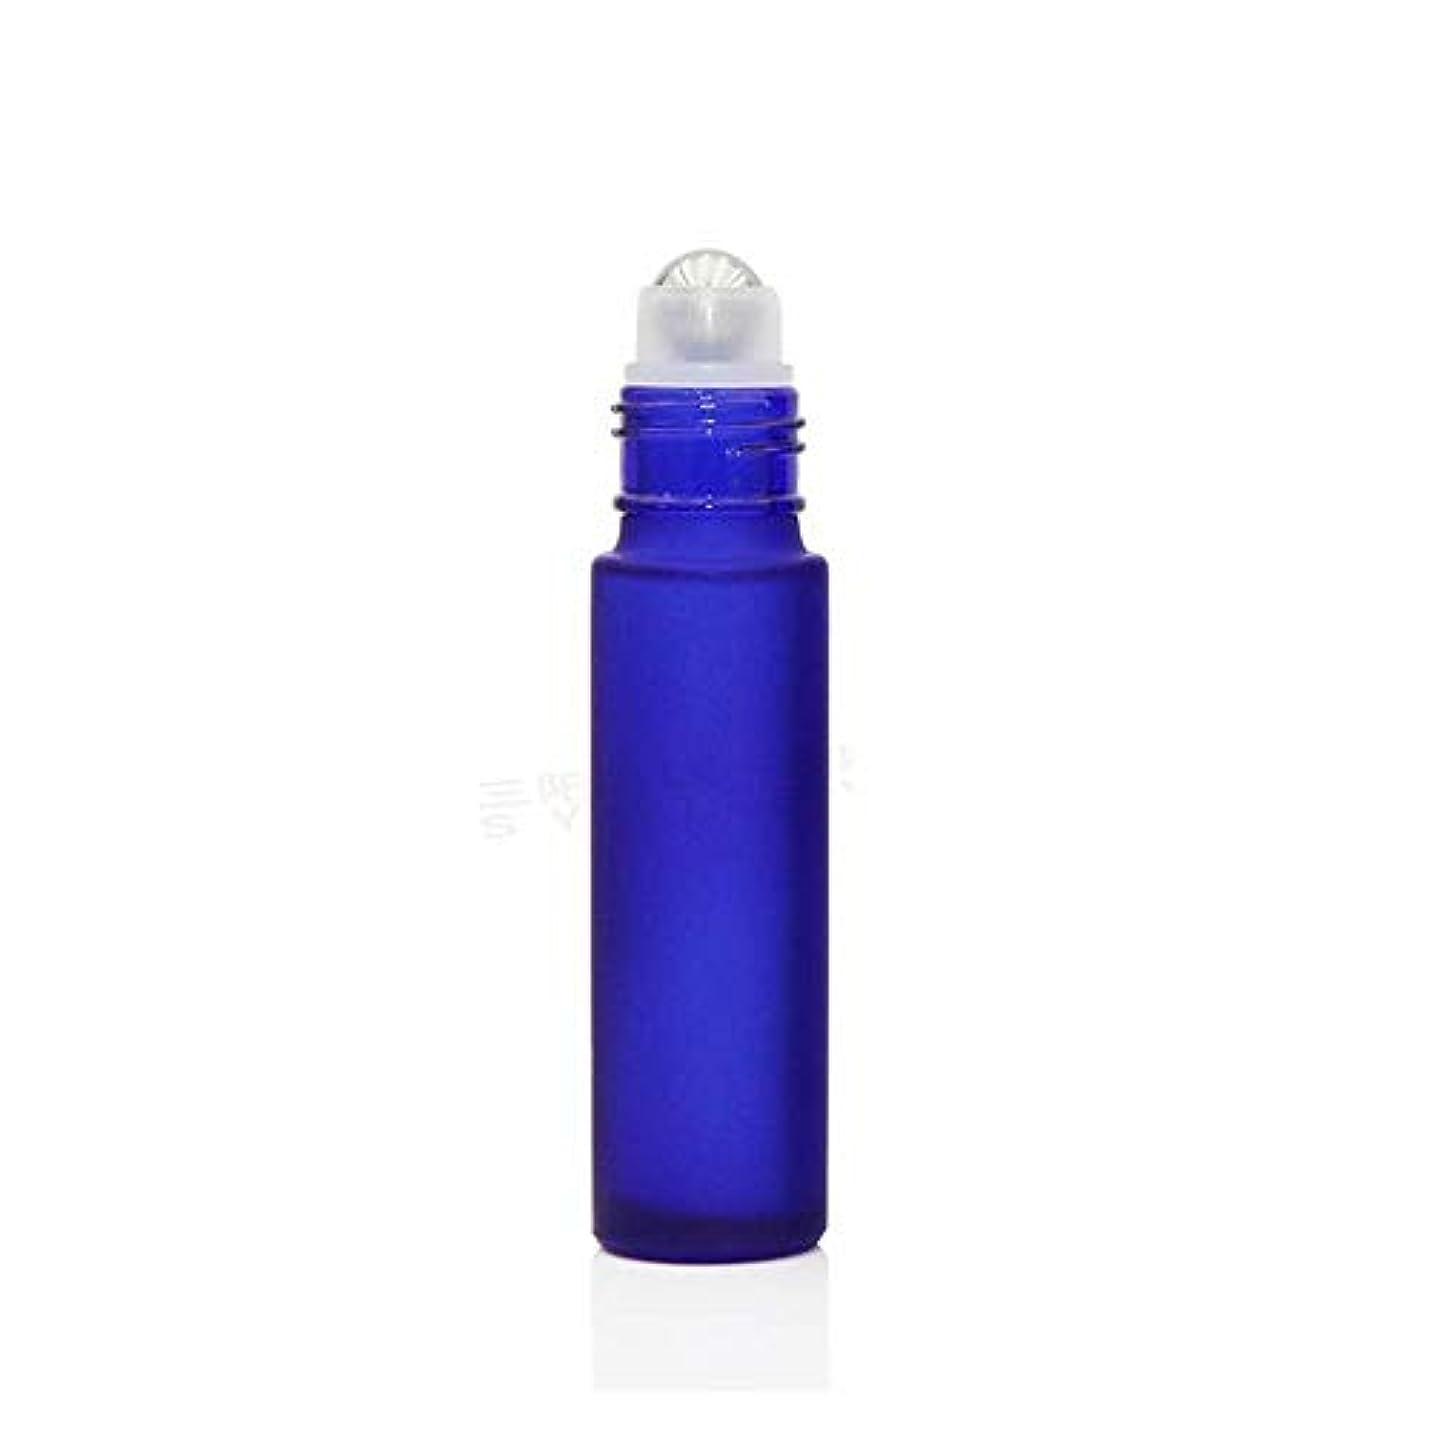 できる和解する解明gundoop ロールオンボトル アロマオイル 精油 小分け用 遮光瓶 10ml 10本セット ガラスロールタイプ (ブルー)